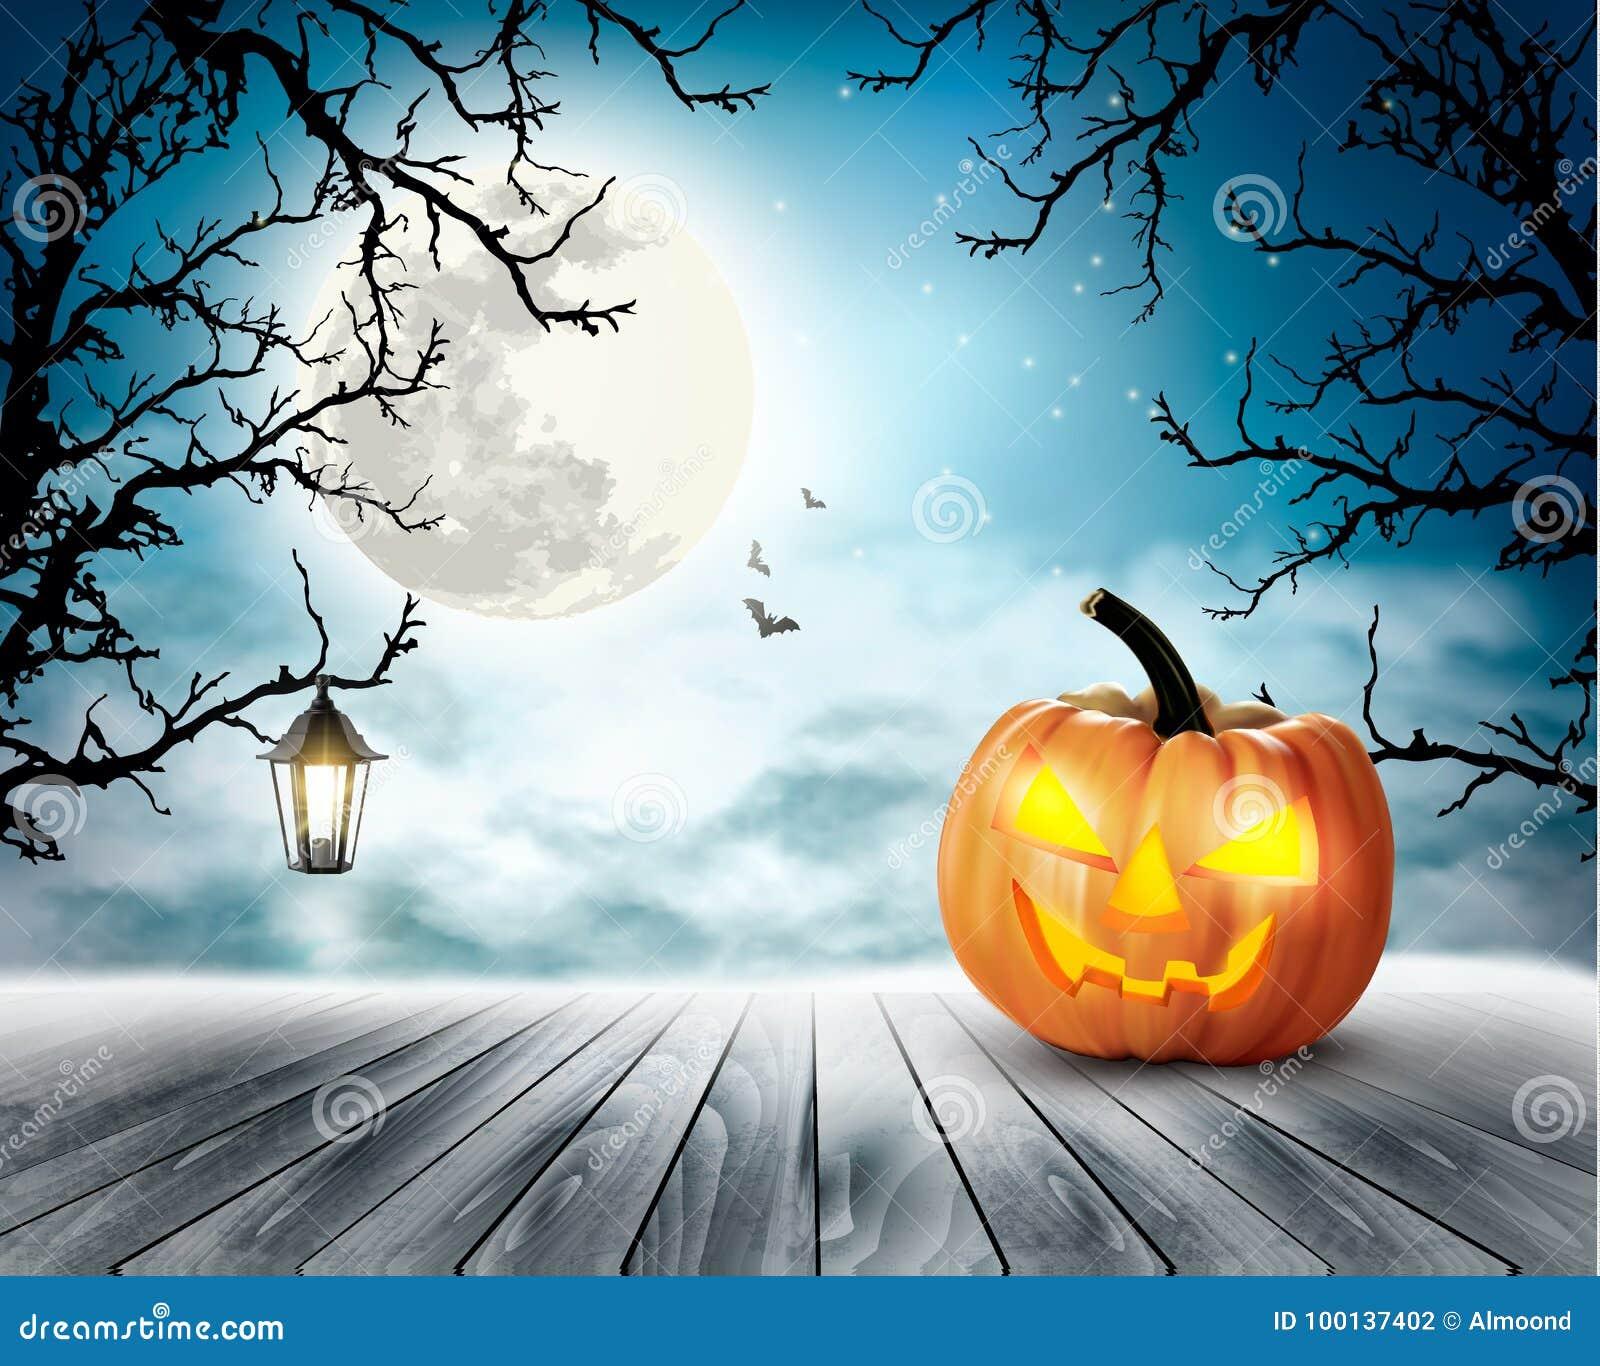 Pompoen En Halloween.Enge Halloween Achtergrond Met Pompoen En Maan Vector